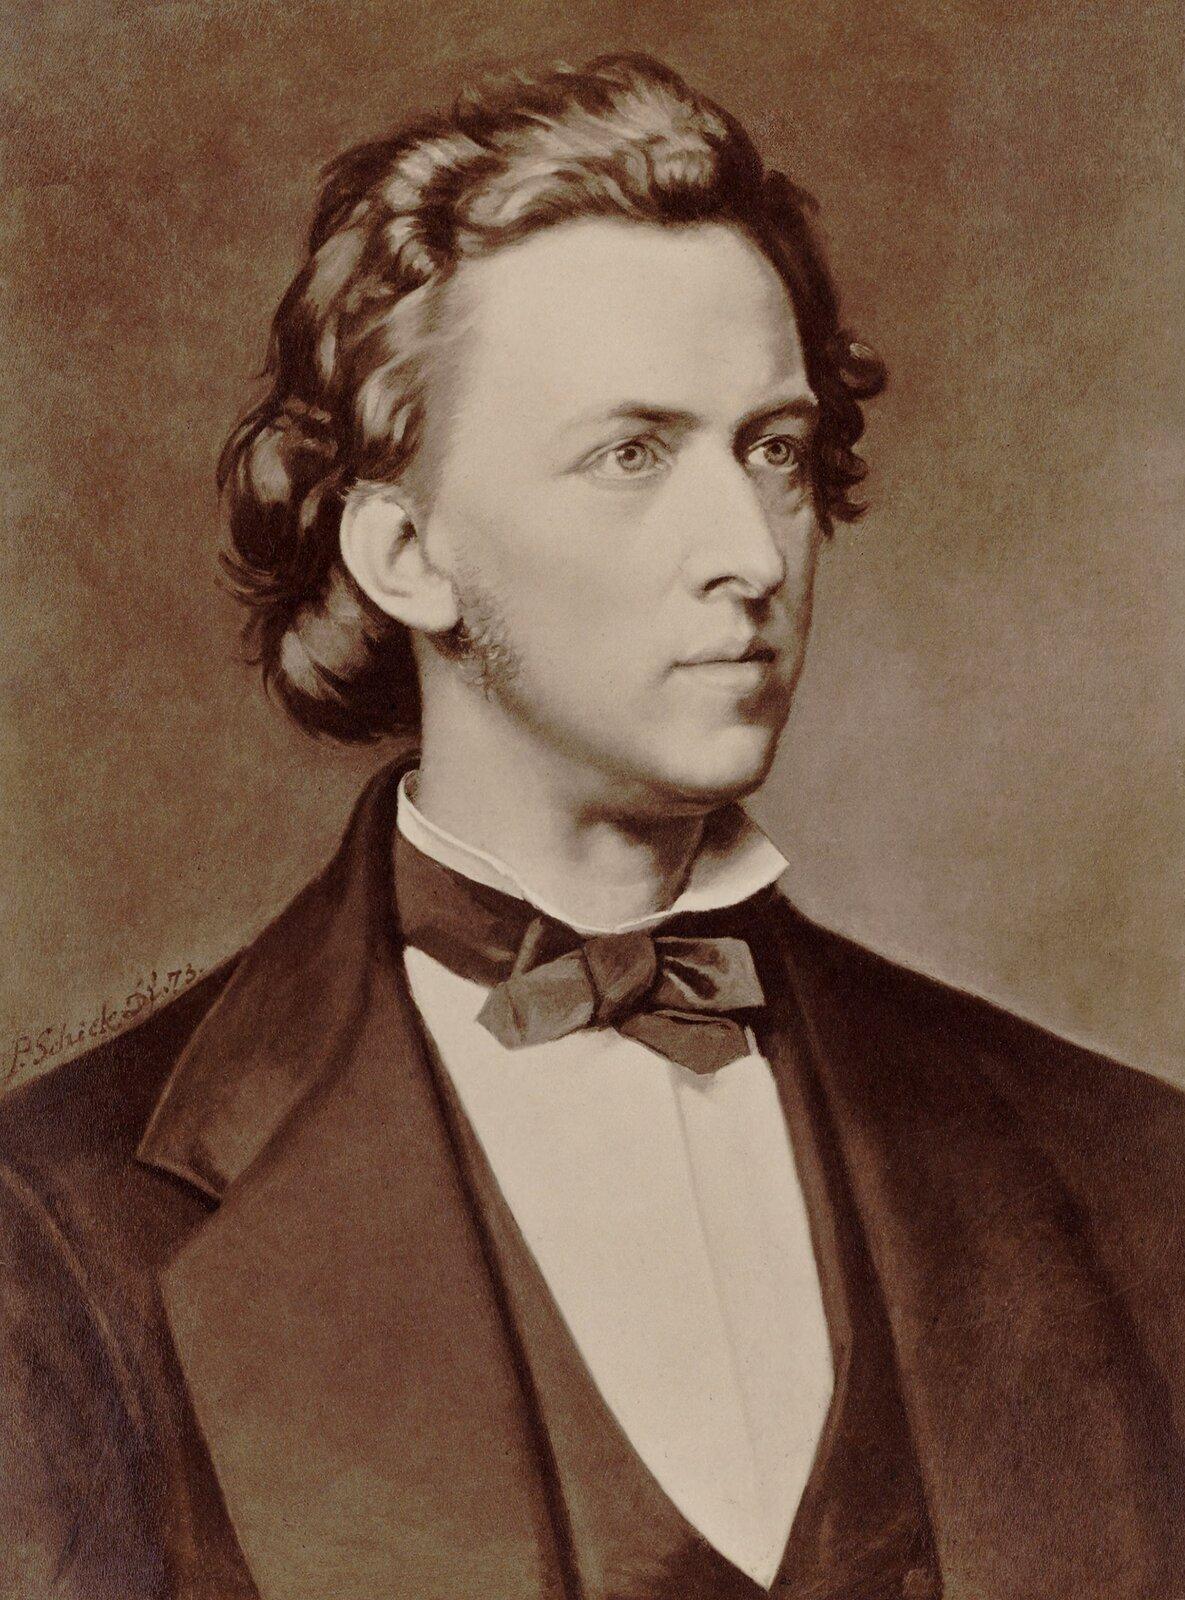 Fryderyk Chopin Źródło: P. Schick, Fryderyk Chopin, 1873, domena publiczna.